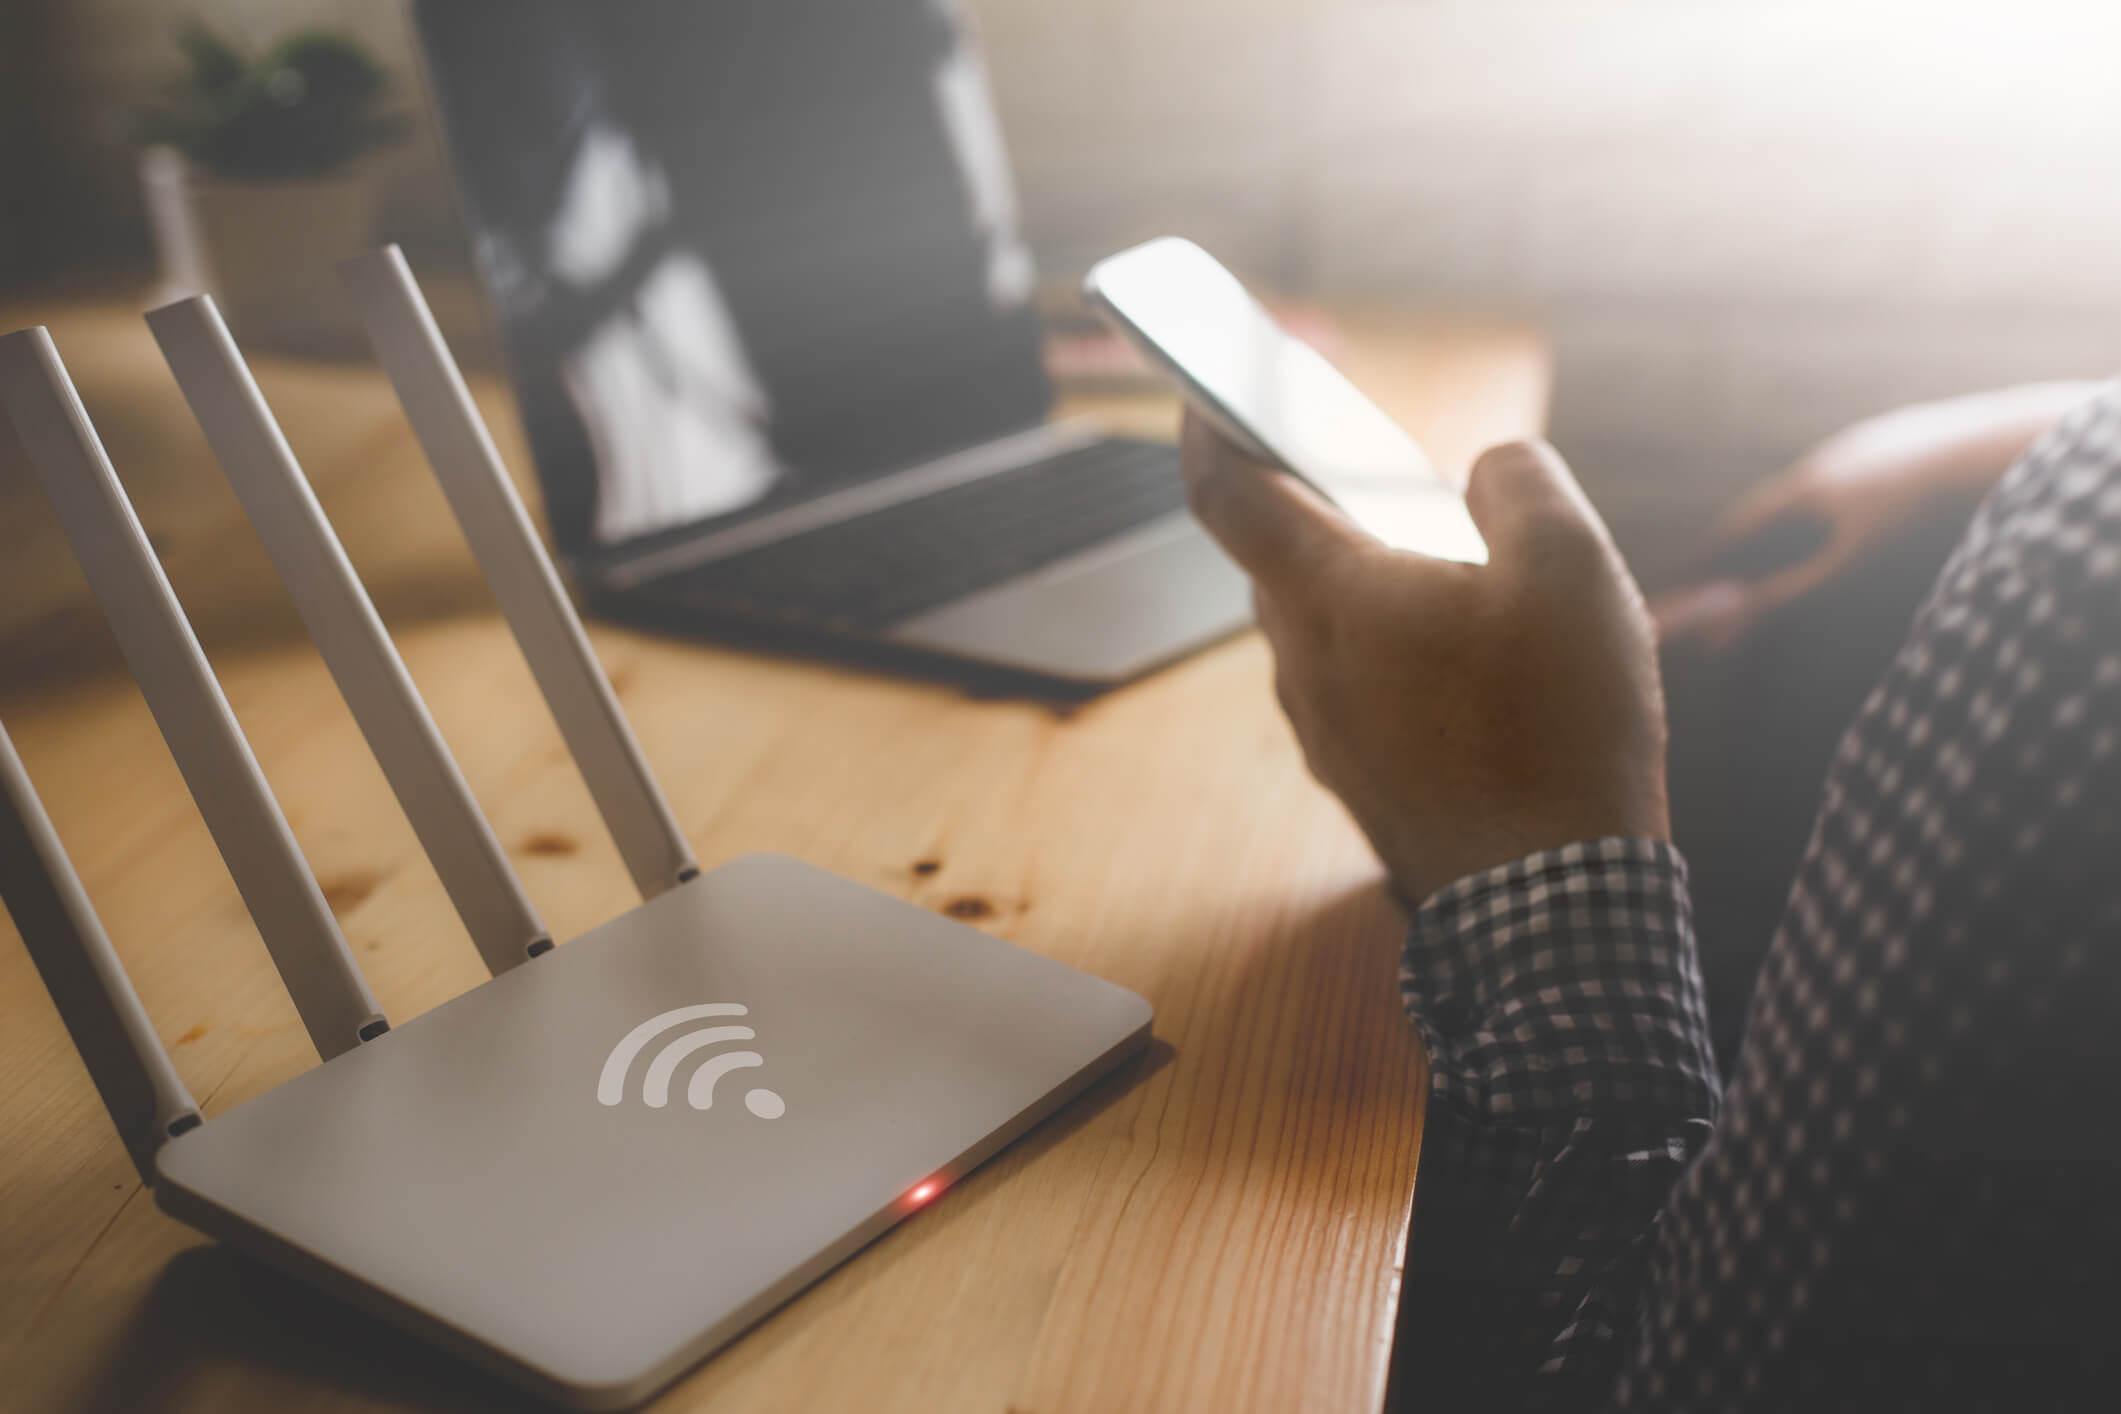 entenda aqui o que e wifi e como ele funciona